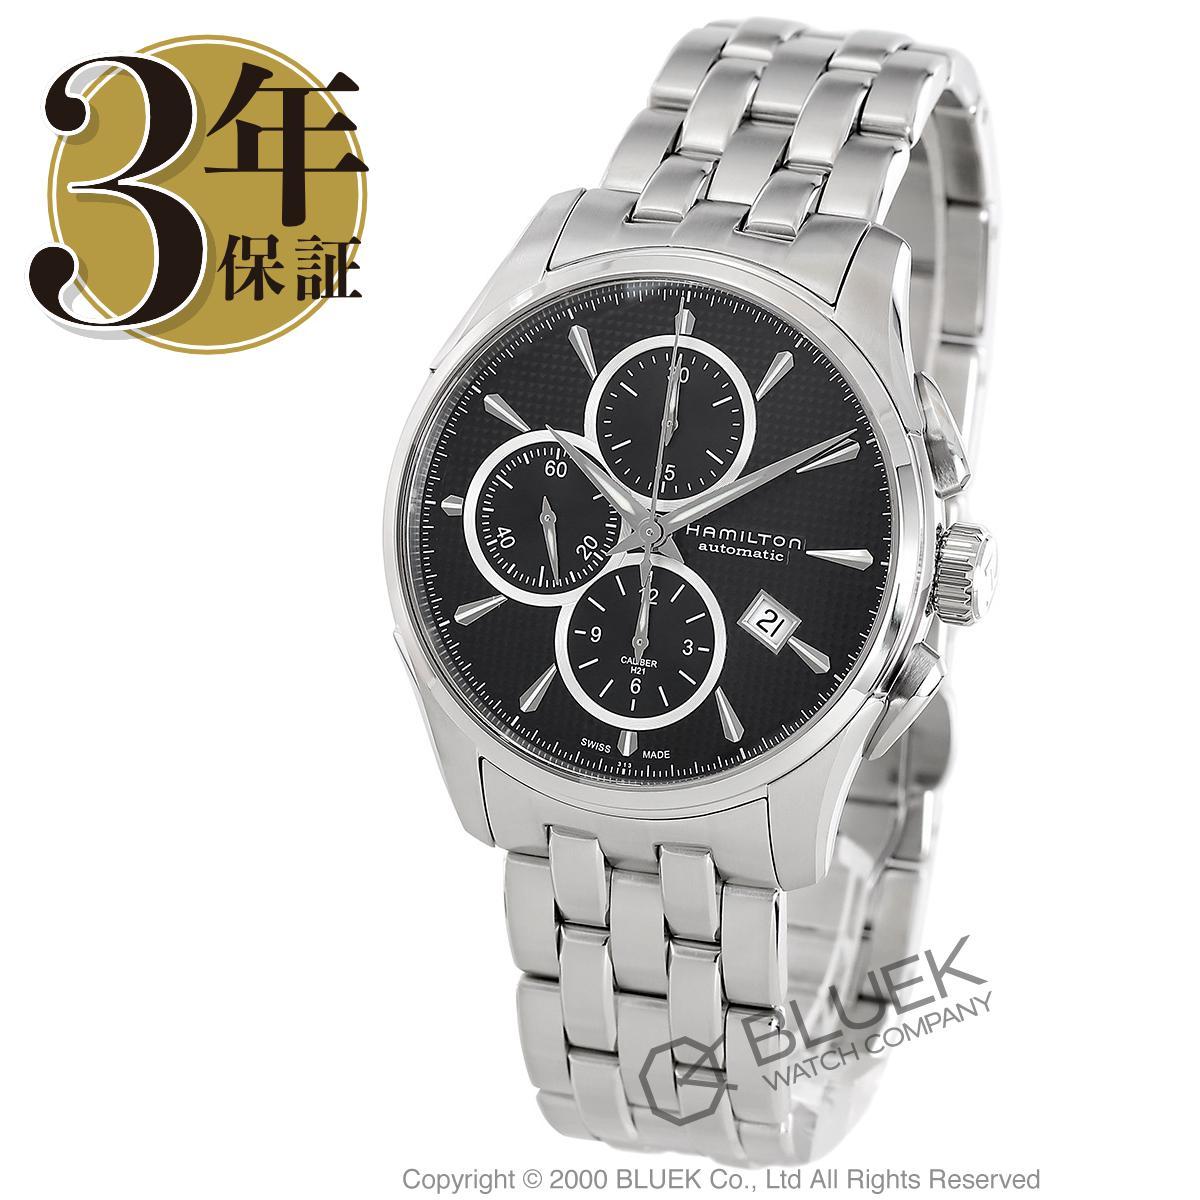 【3,000円OFFクーポン対象】ハミルトン ジャズマスター オート クロノ クロノグラフ 腕時計 メンズ HAMILTON H32596131_8